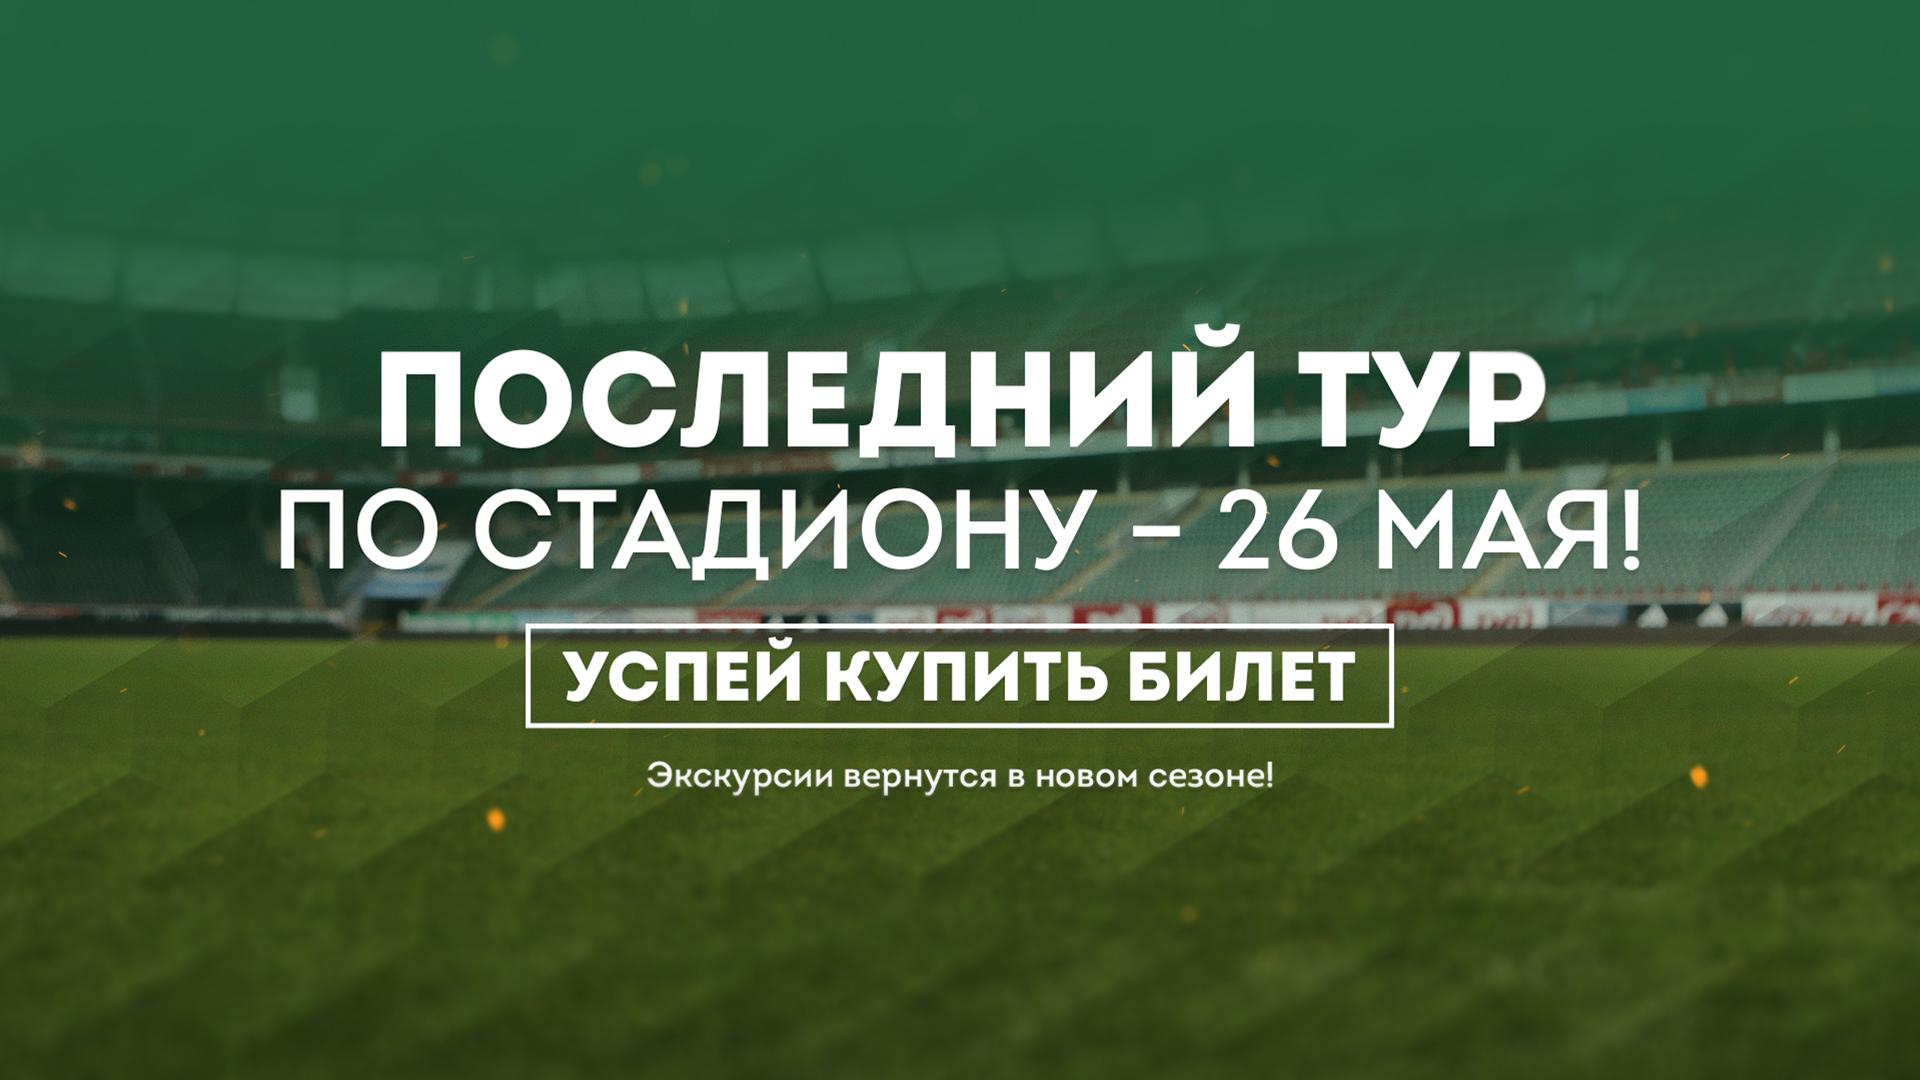 Успейте посетить тур по стадиону!